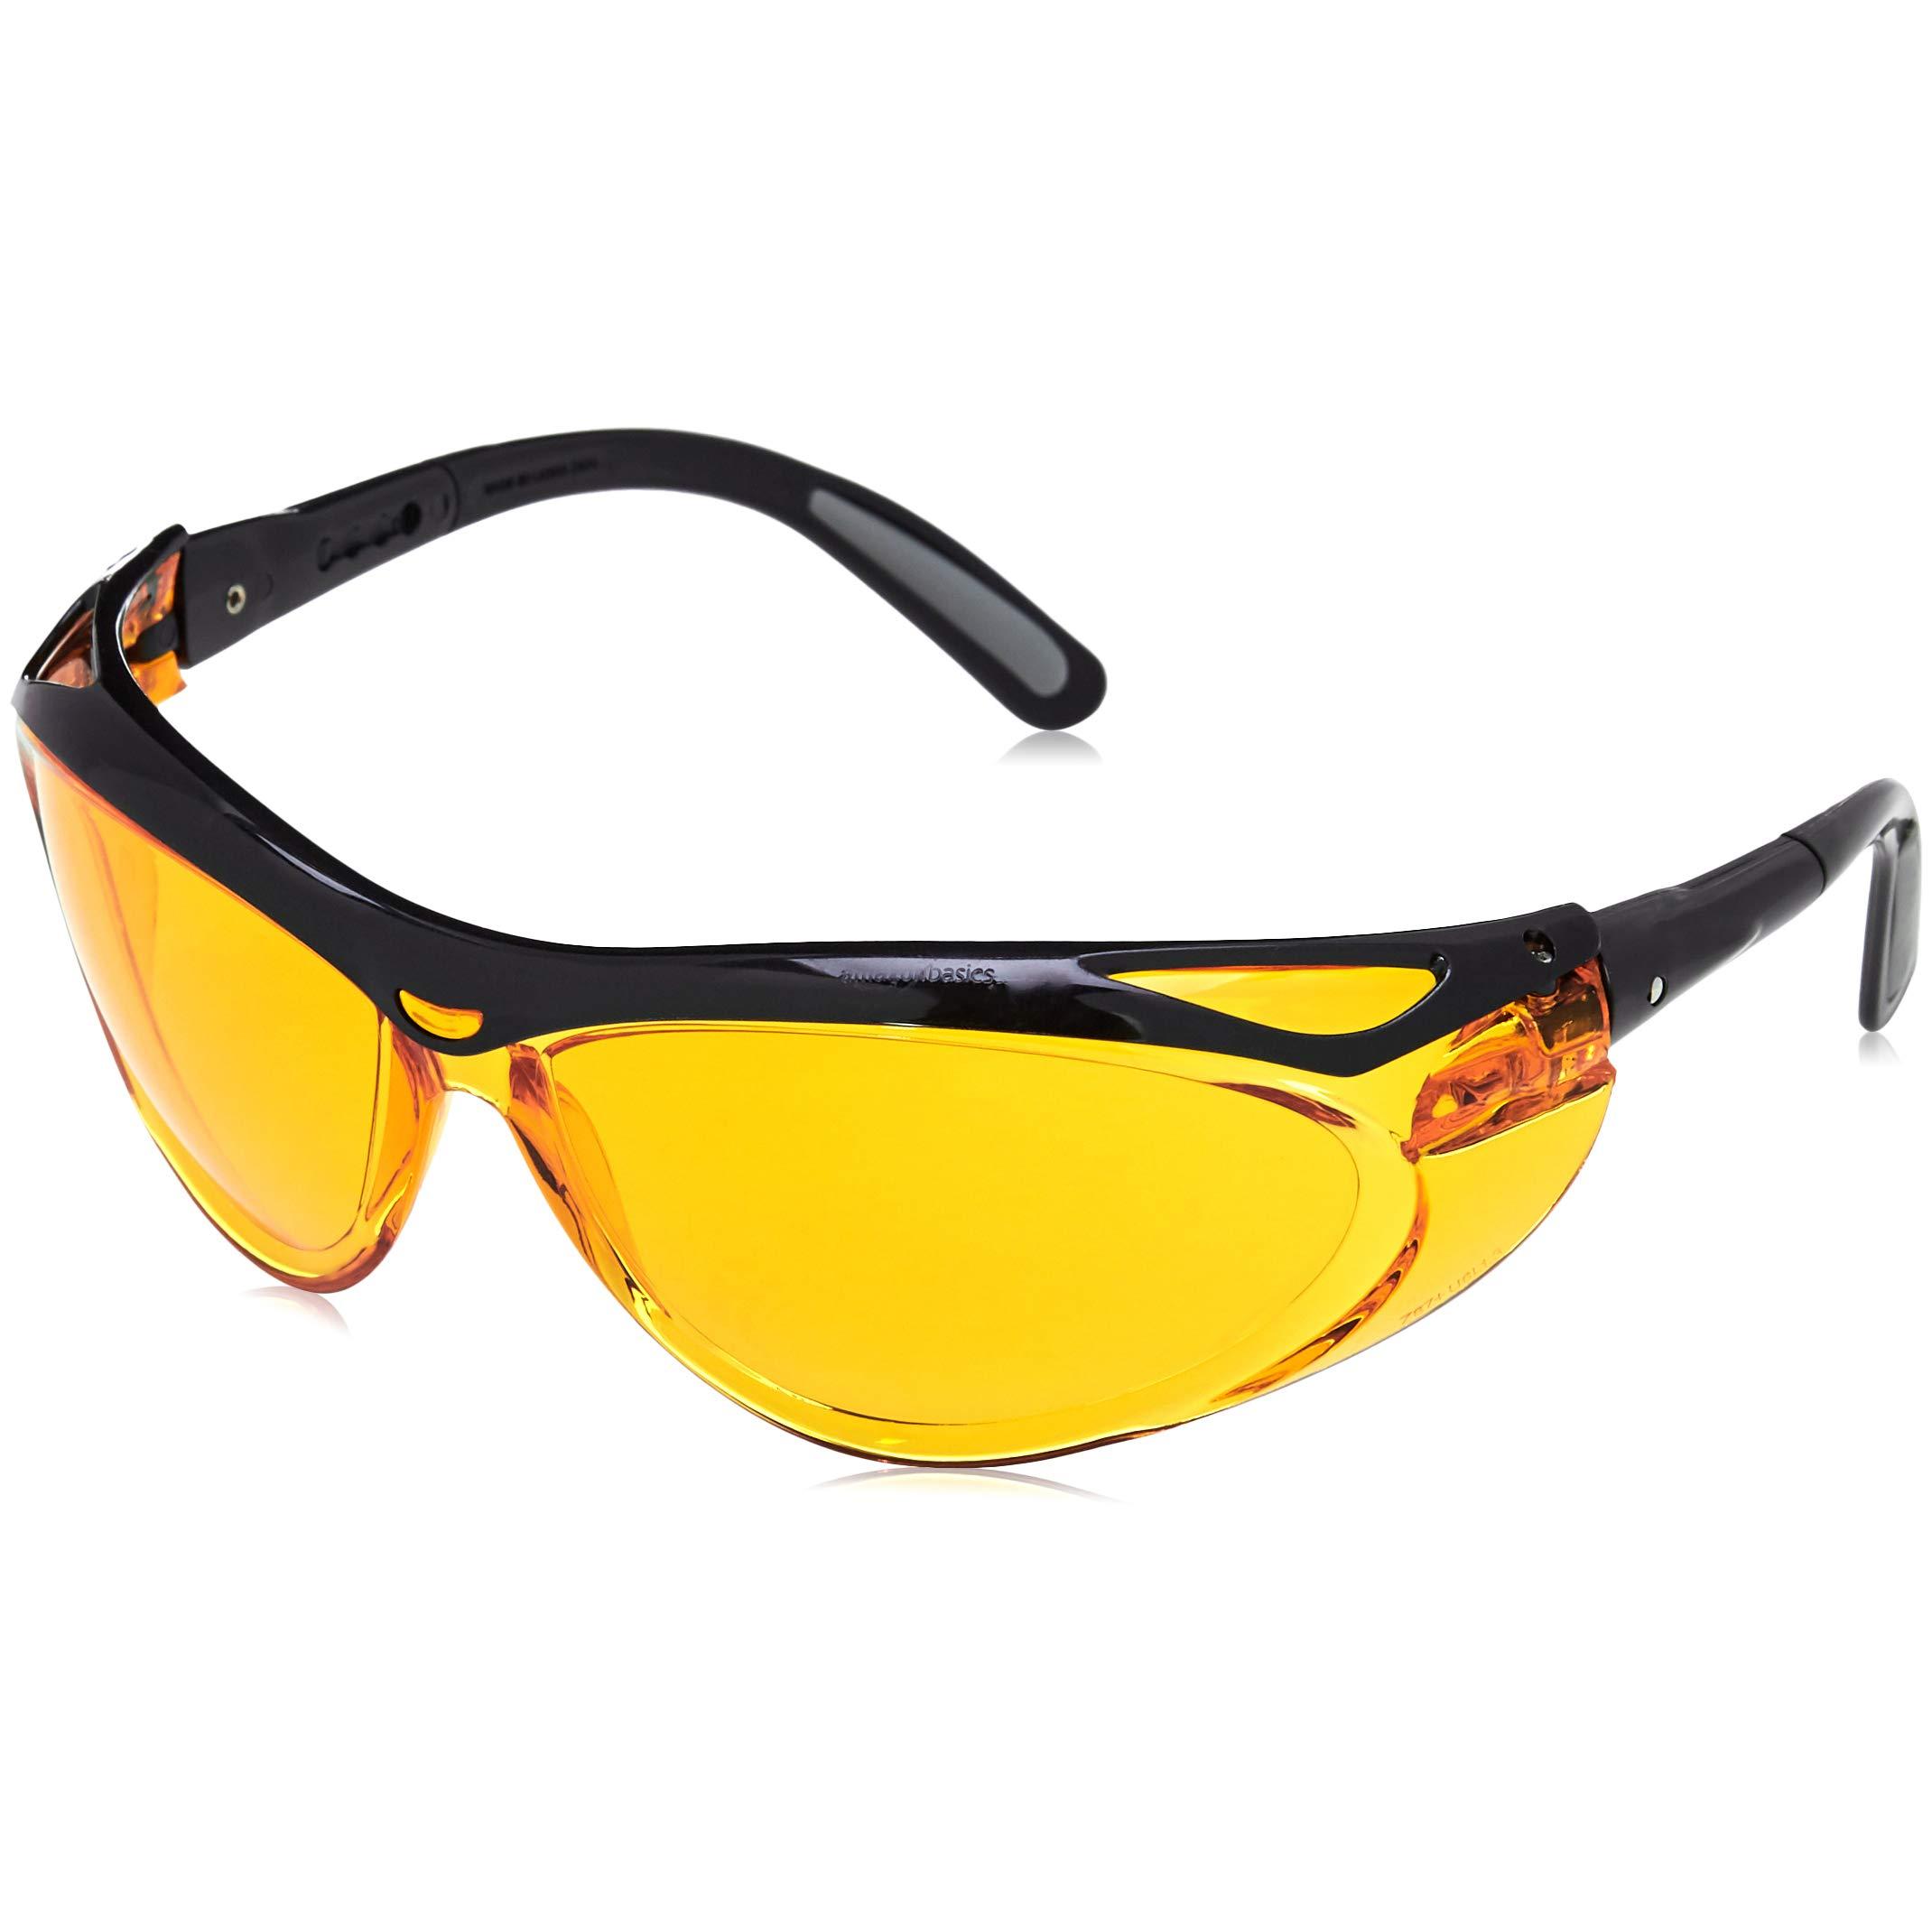 AmazonBasics Blue Light Blocking Safety Glasses, Anti-Fog, Orange Lens, 6-Count by AmazonBasics (Image #3)